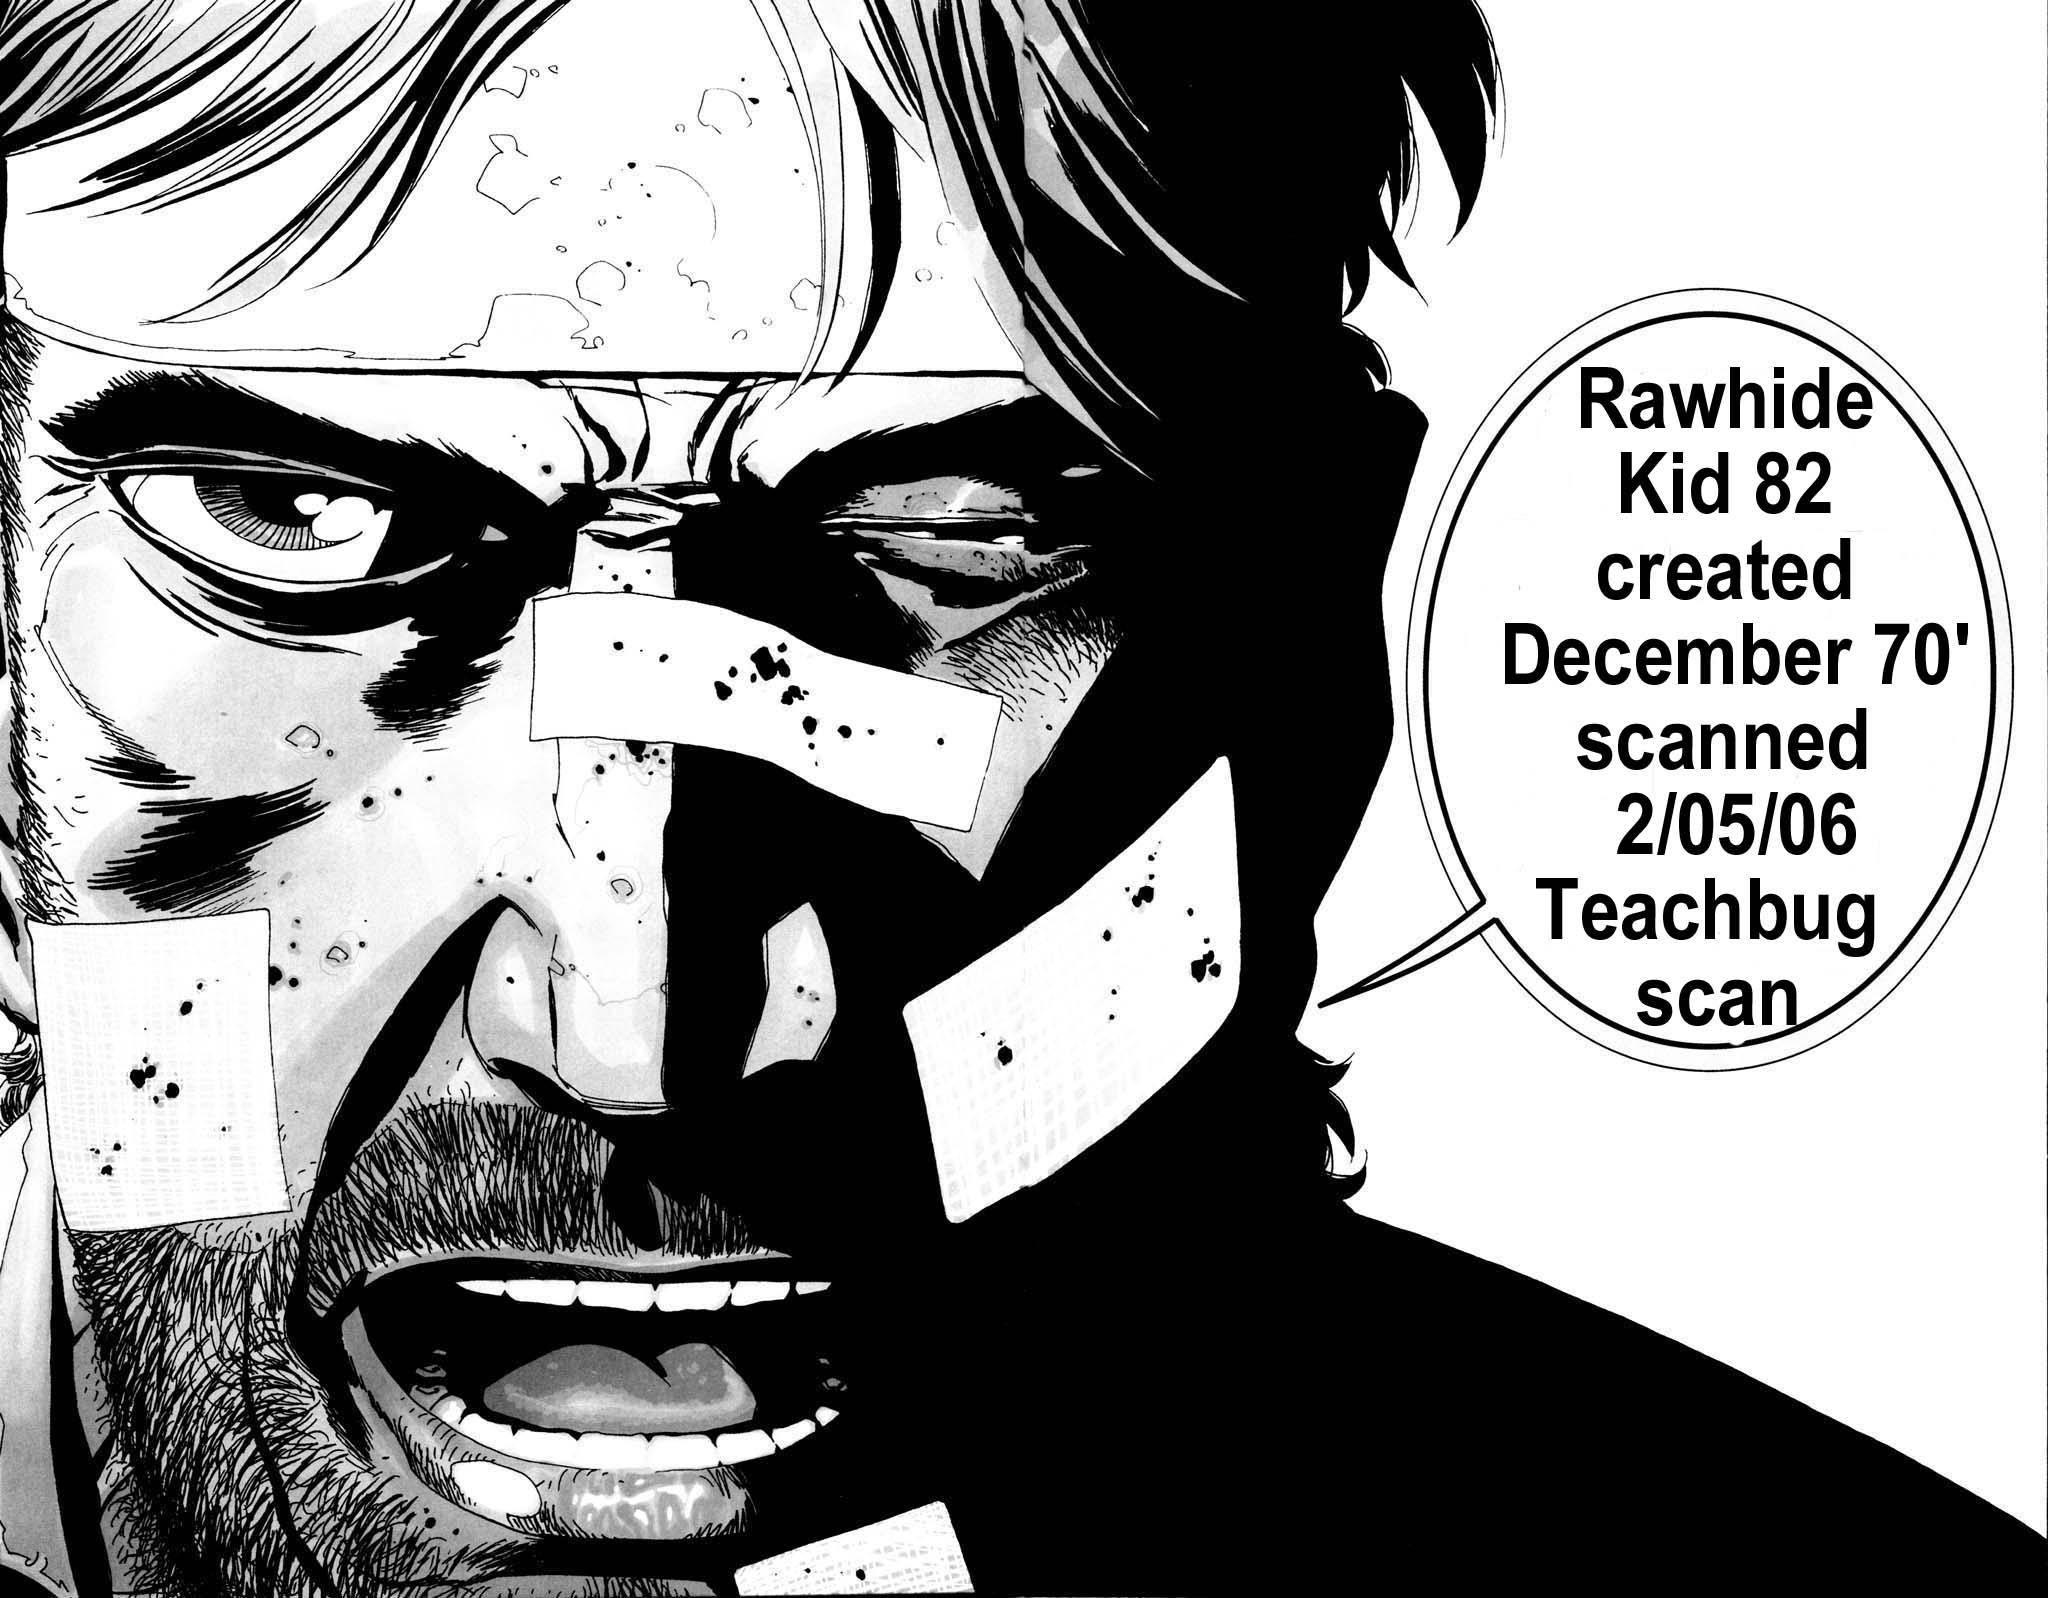 Rawhide Kid v1 082 1970 Teachbug